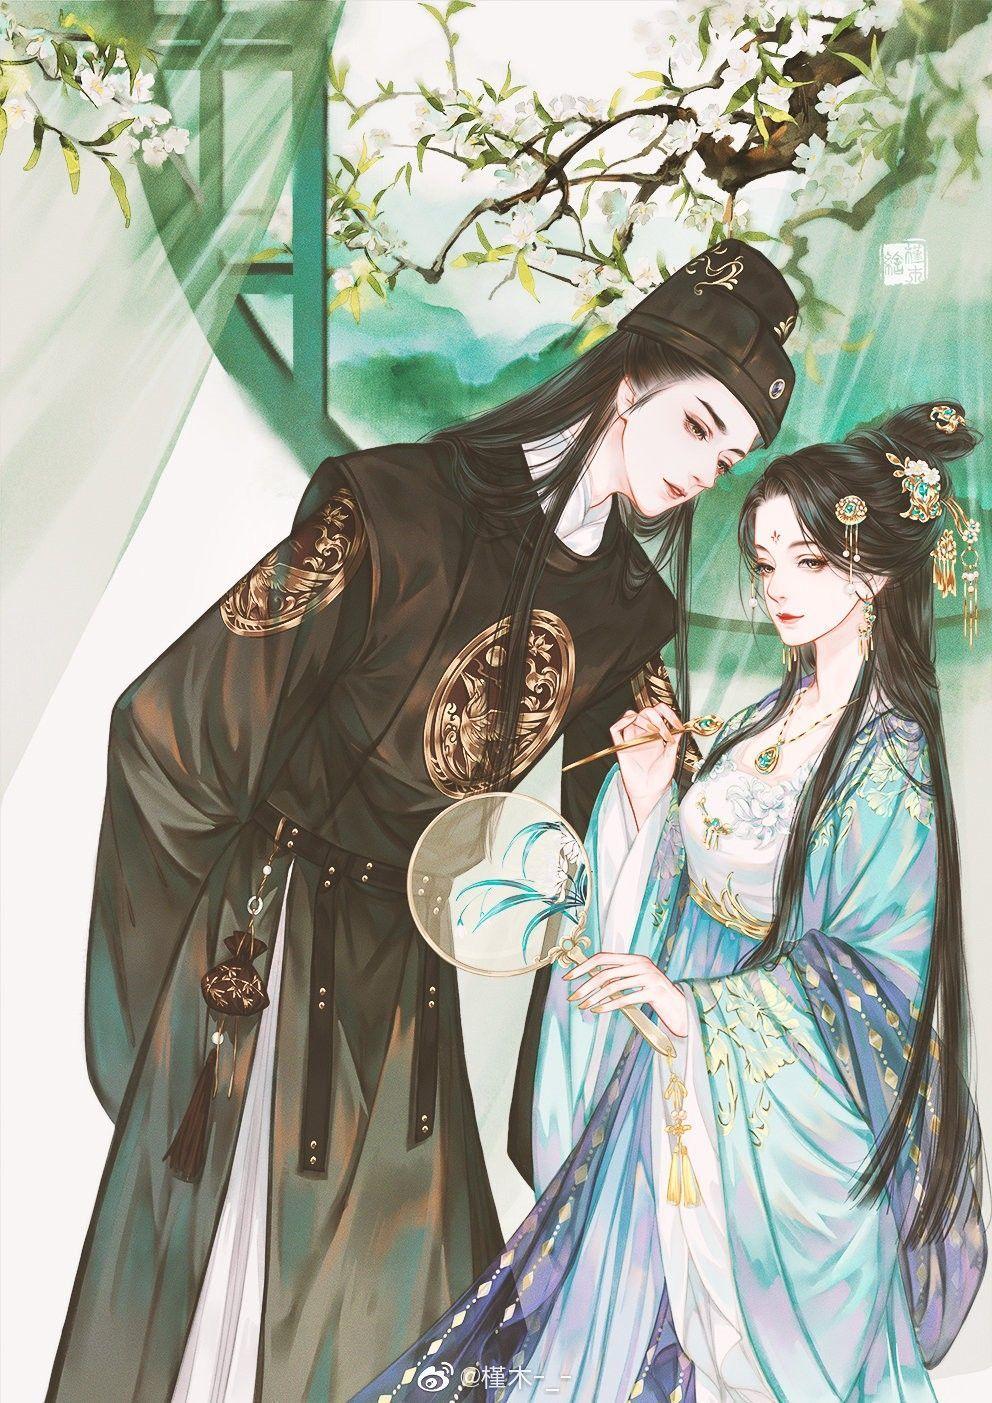 """Chính hành động""""không buông tay"""" của Phụng Dương công chúa cùng việc """"thức tỉnh kịp thời"""" của Chiêu Minh Đại Vương đã giúp họ có được hôn nhân ngày thêm mặn nồng, hạnh phúc về sau. (Ảnh minh họa: Pinterest)"""